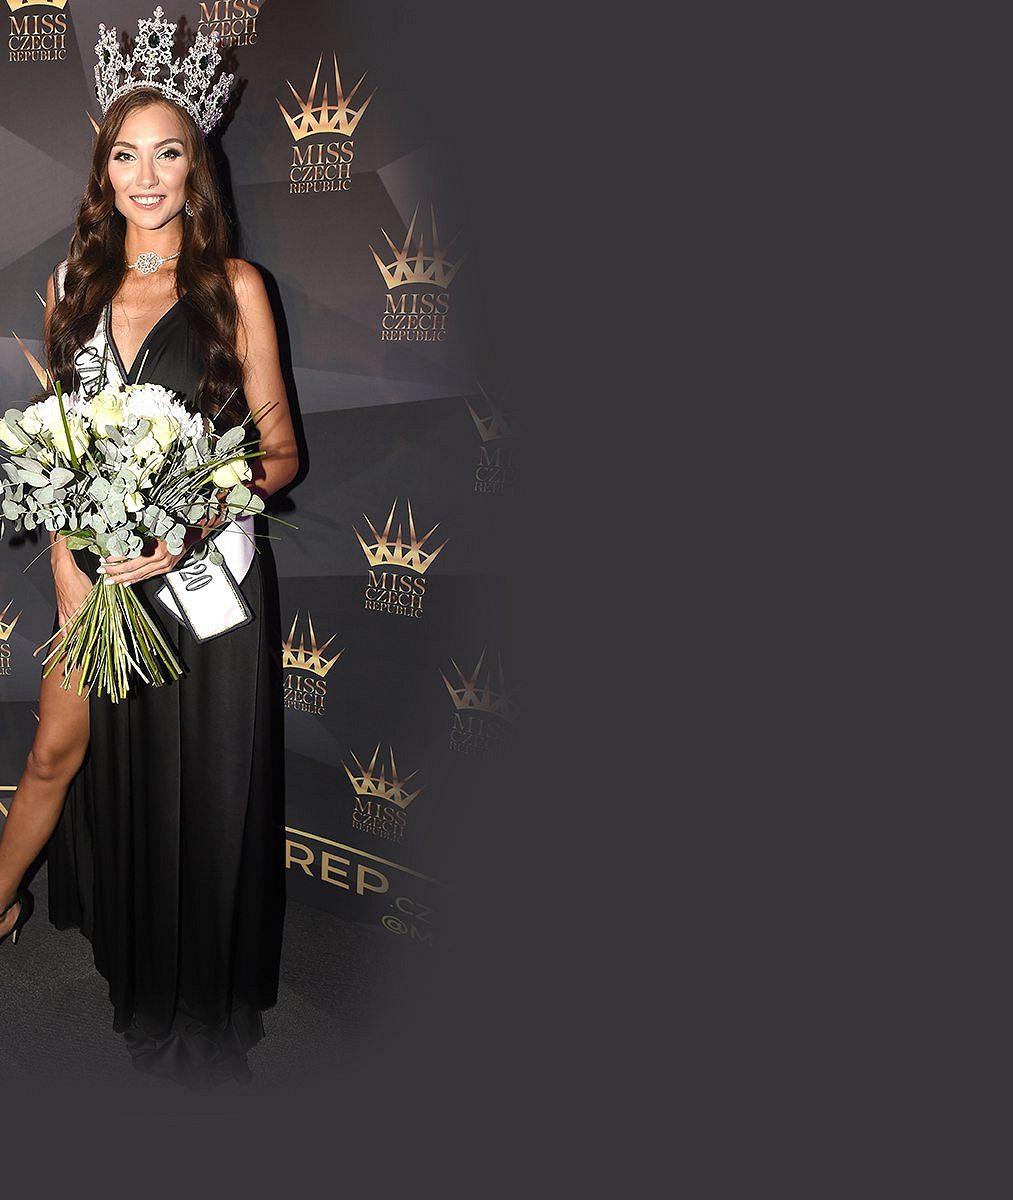 Na Miss World s přírodními jedničkami neodletí! Historicky nejvyšší vítězka soutěže krásy jde pod kudlu